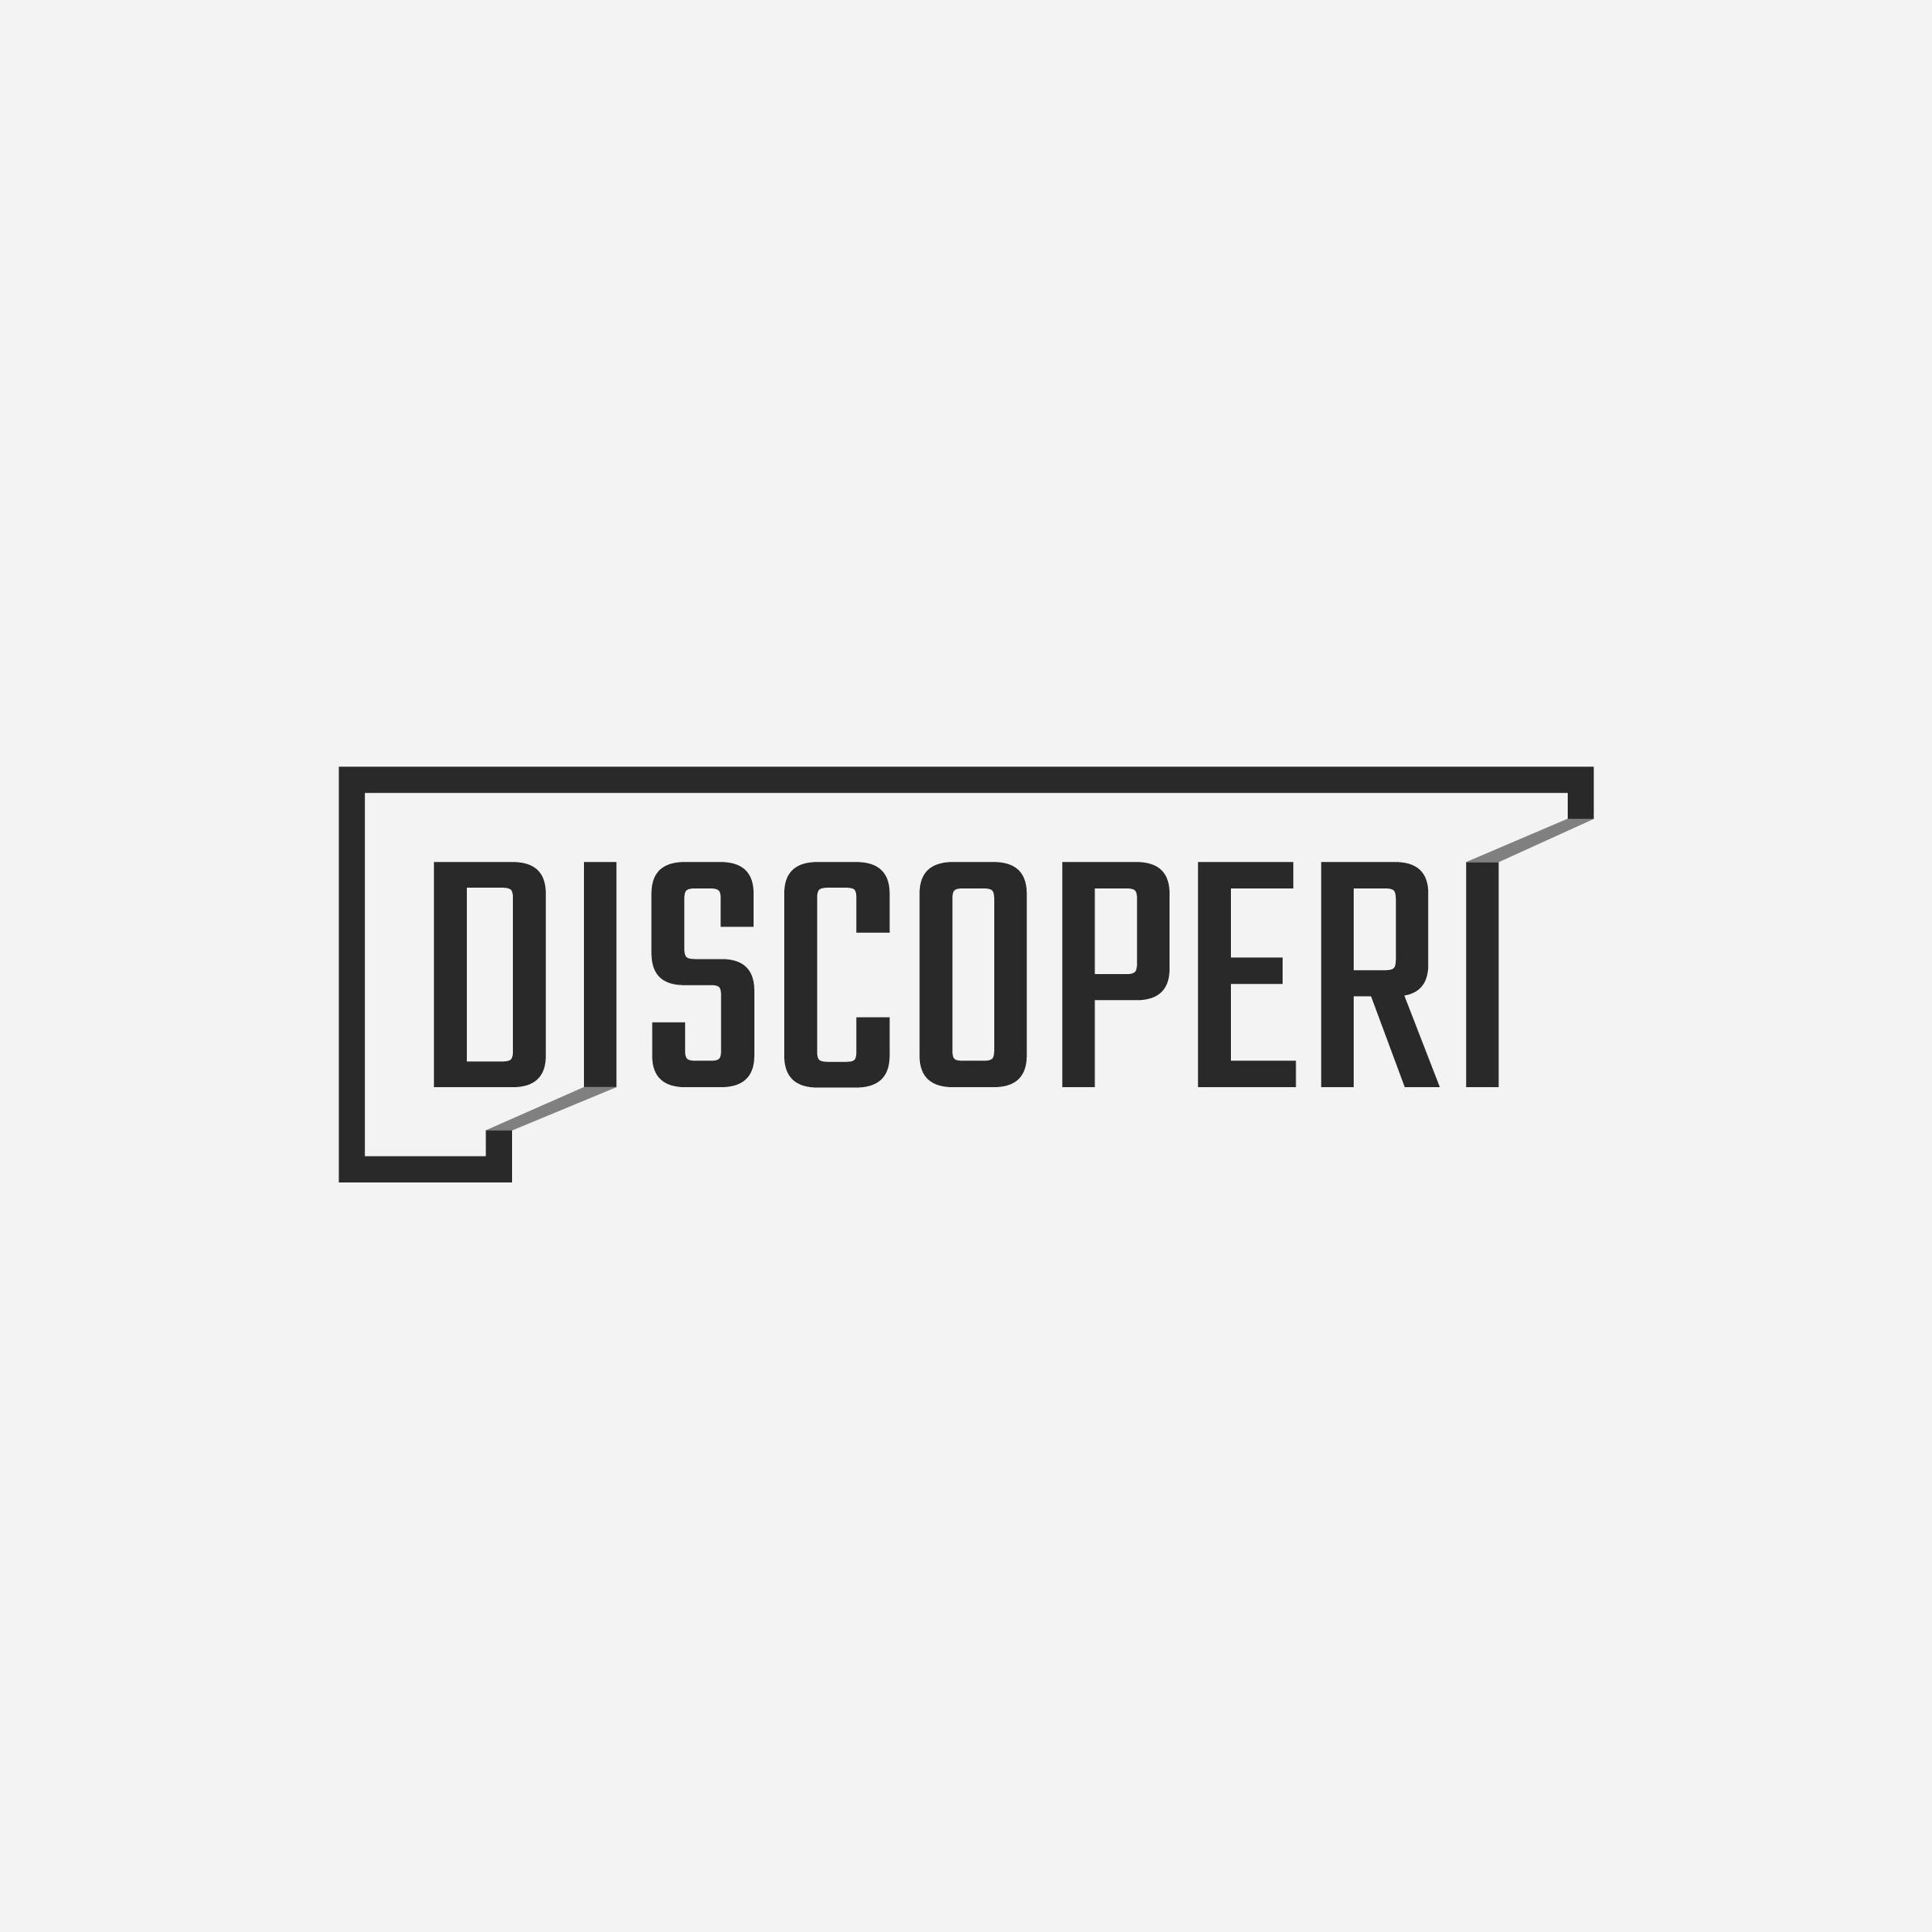 Discoperi Inc  - Wikipedia